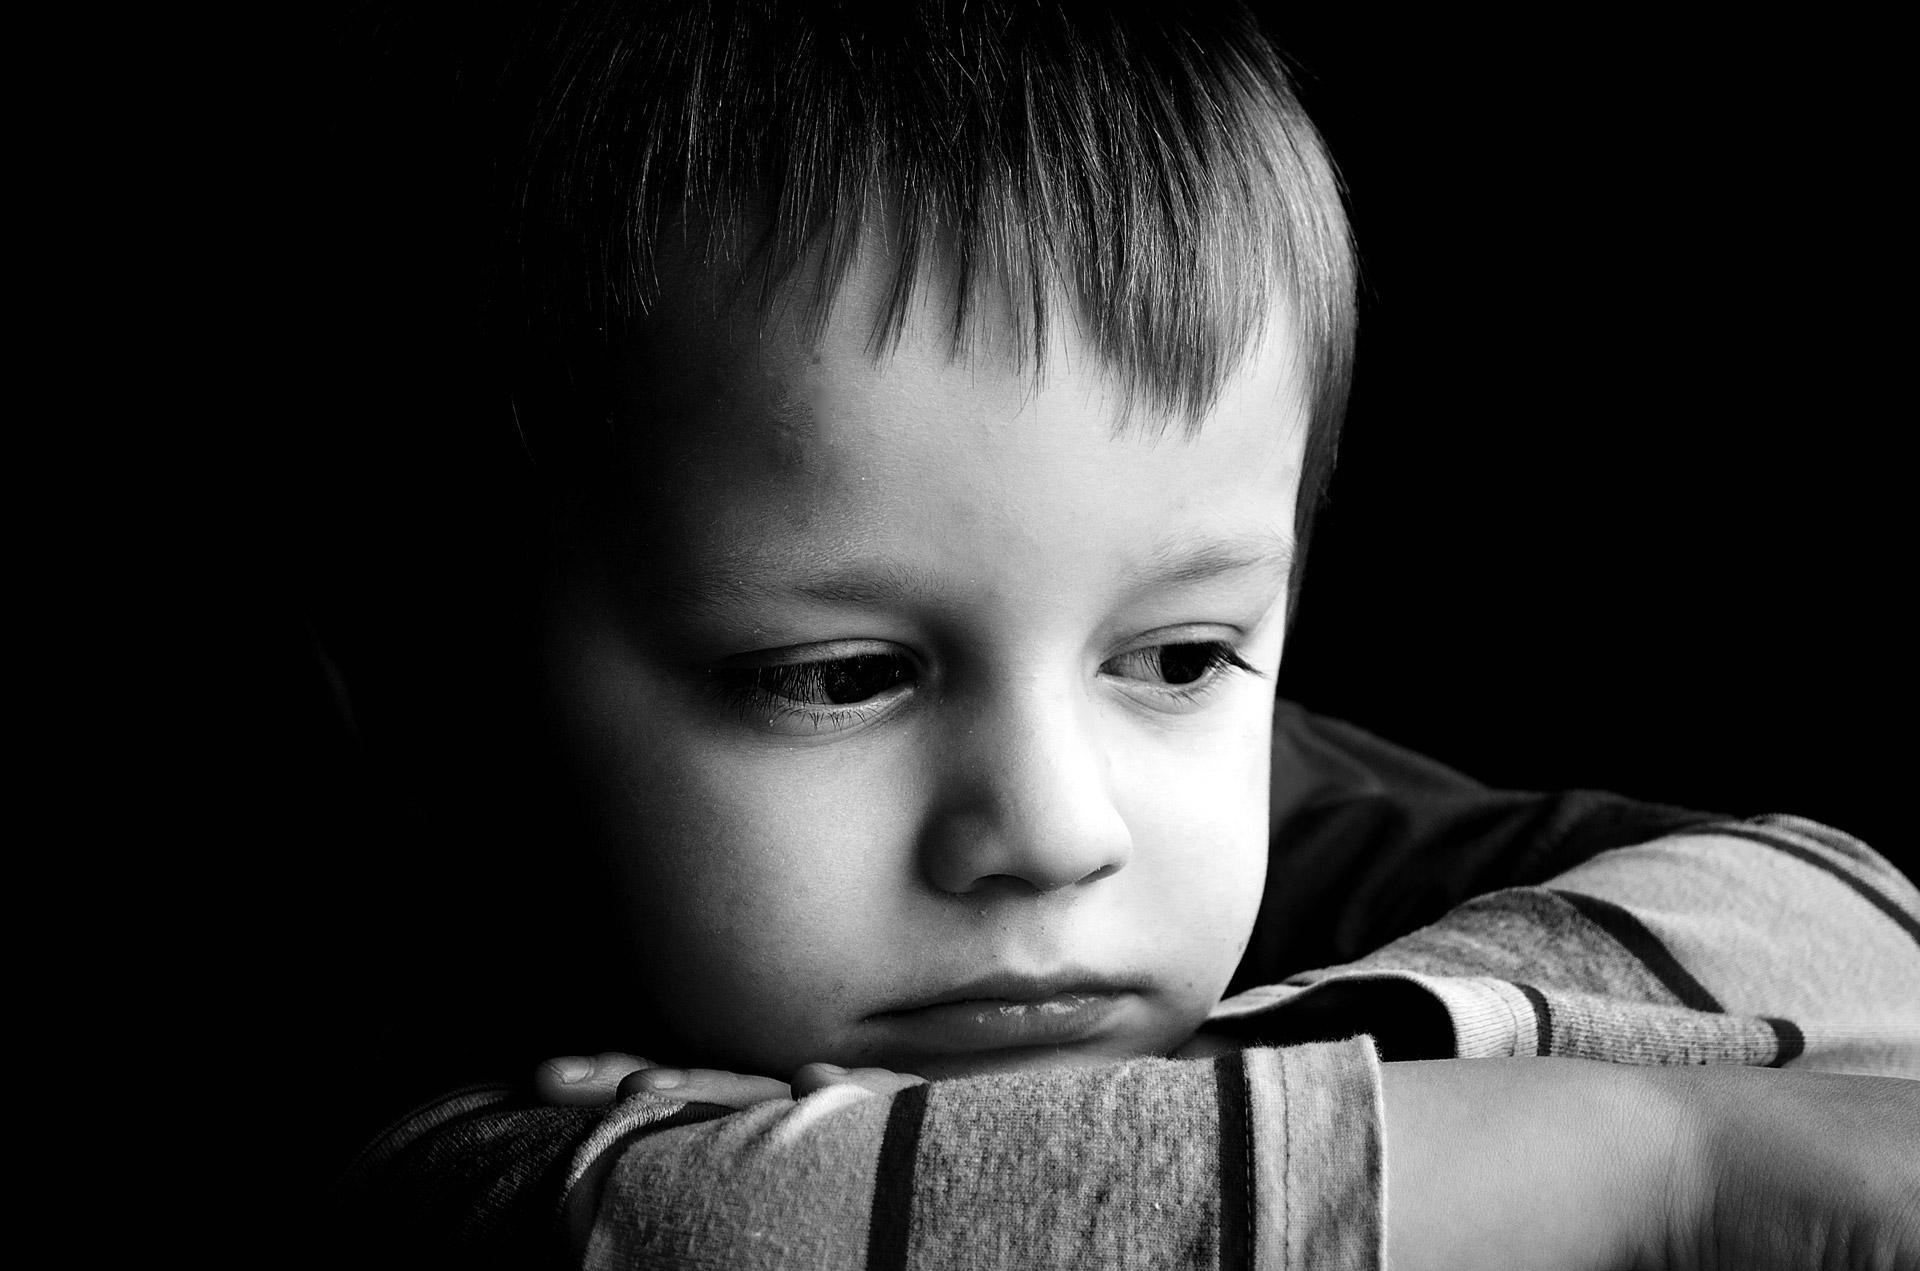 'É importante a criança ficar perto de quem ela confia nesse momento de incerteza'